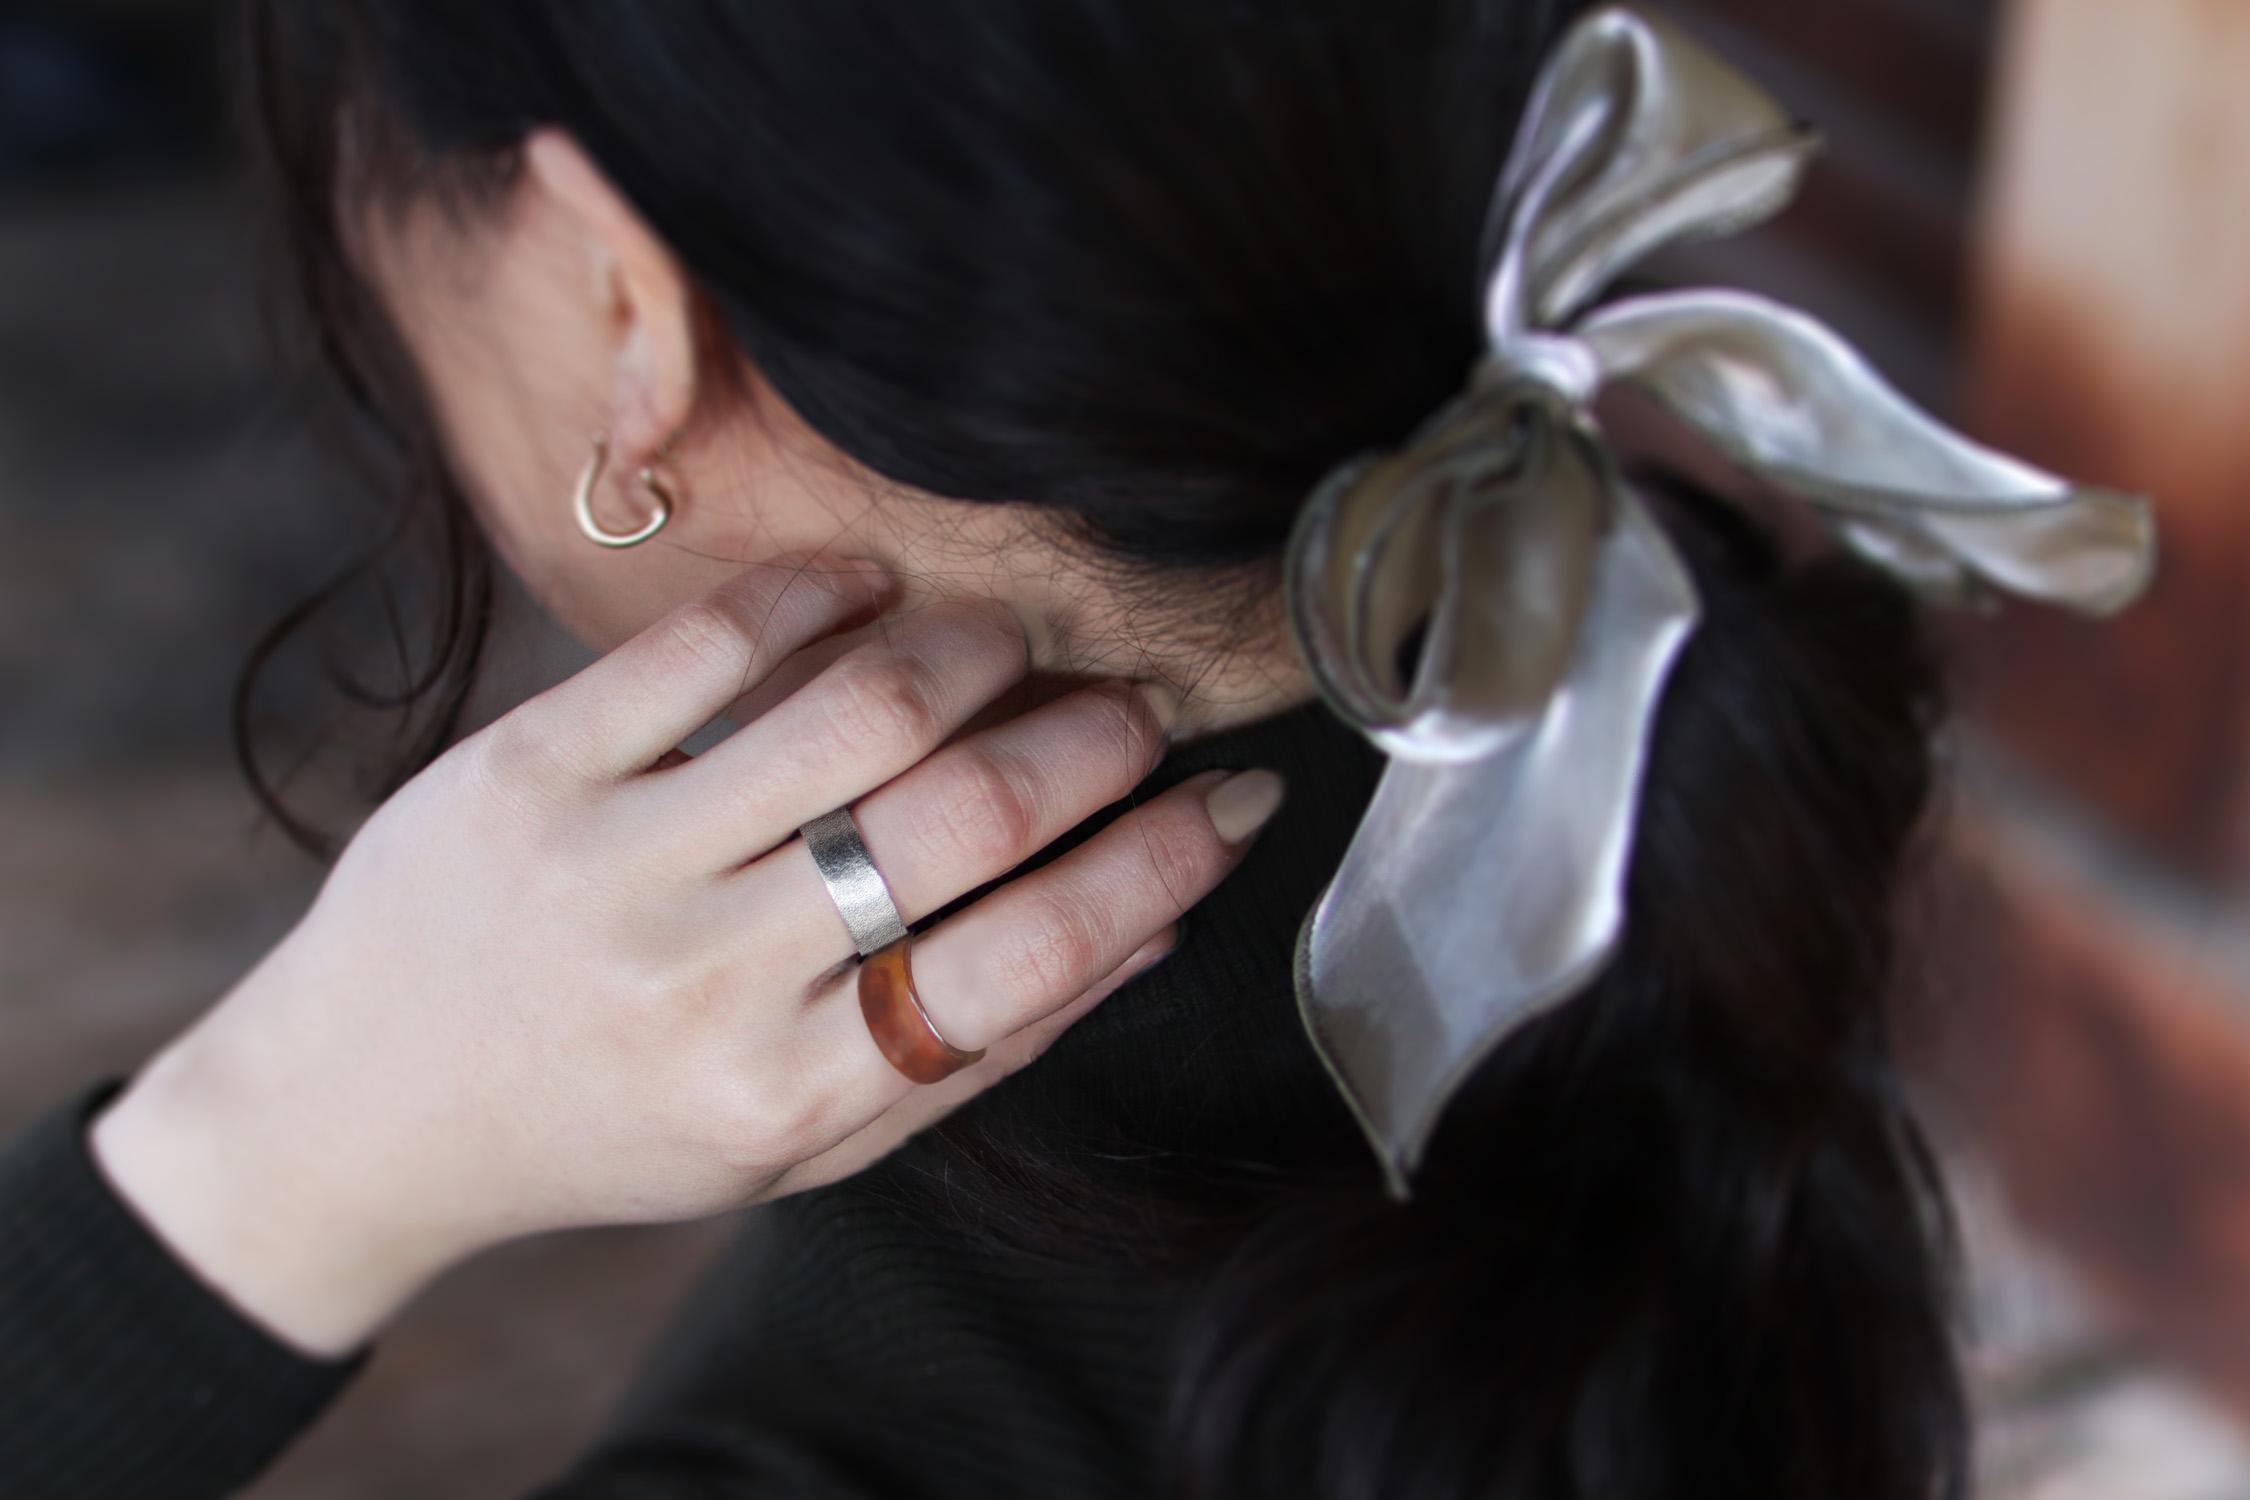 べっ甲の指輪と組み合わせるコーデ